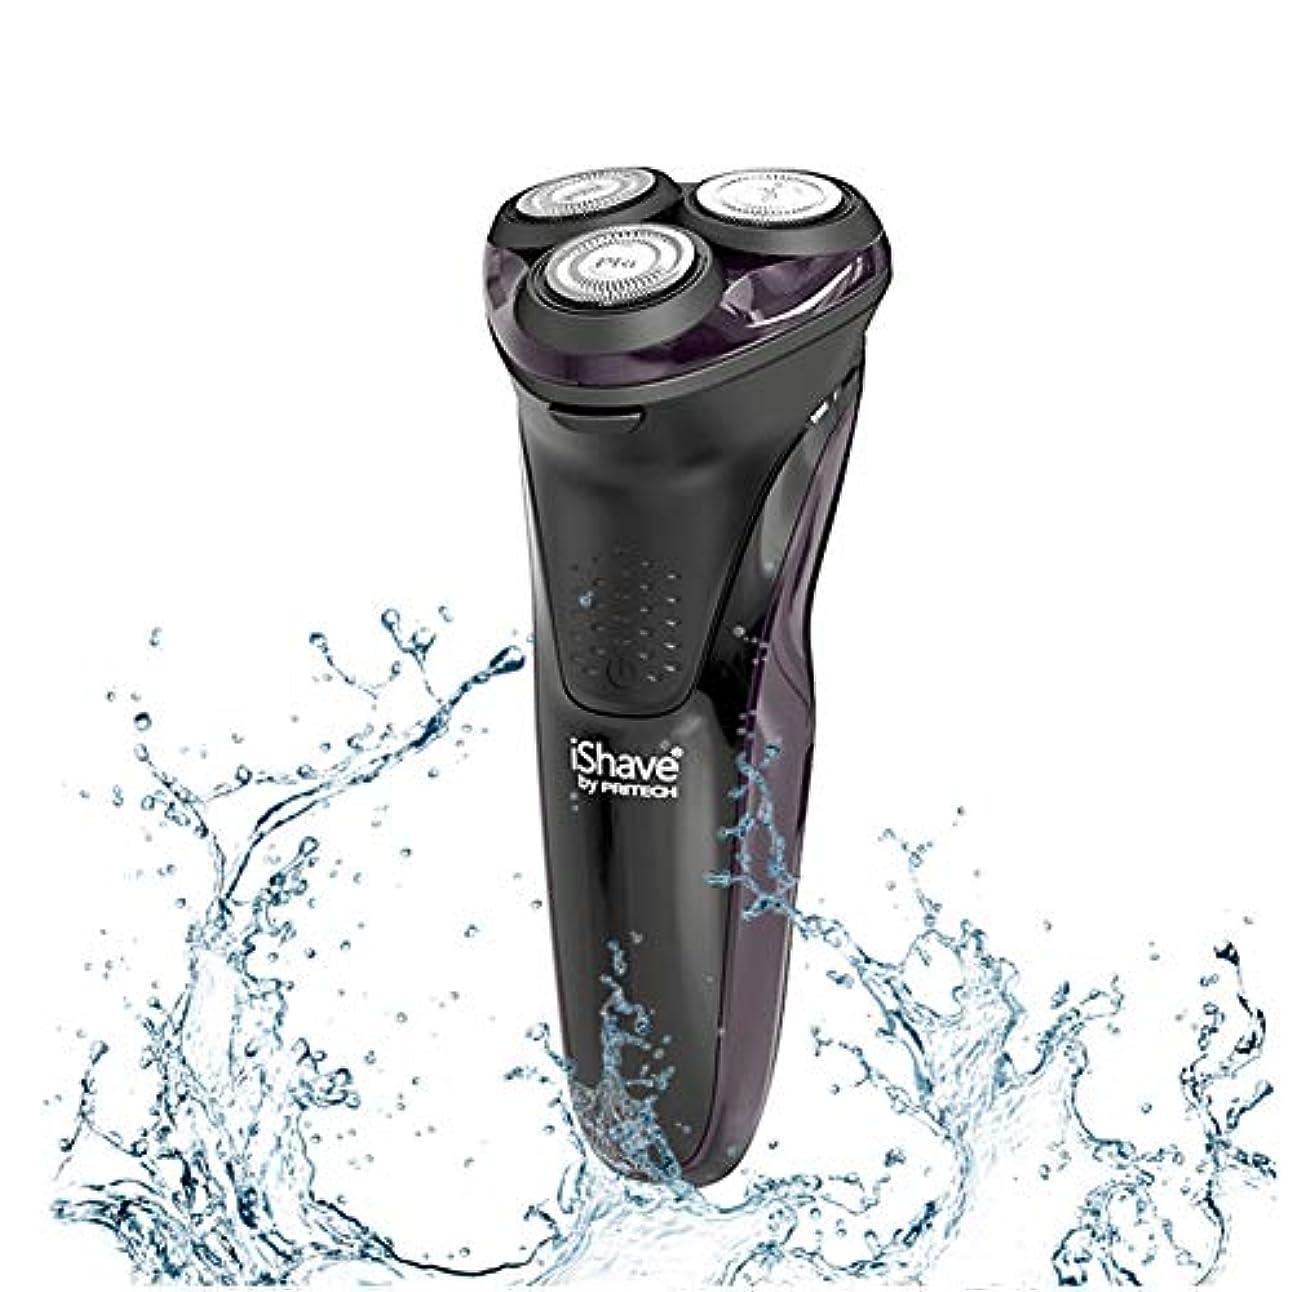 明らか見える移行するプロフェッショナル電気シェーバー用男性洗える男性のひげトリマー電気かみそり充電式シェービングマシンフェイスカミソリ